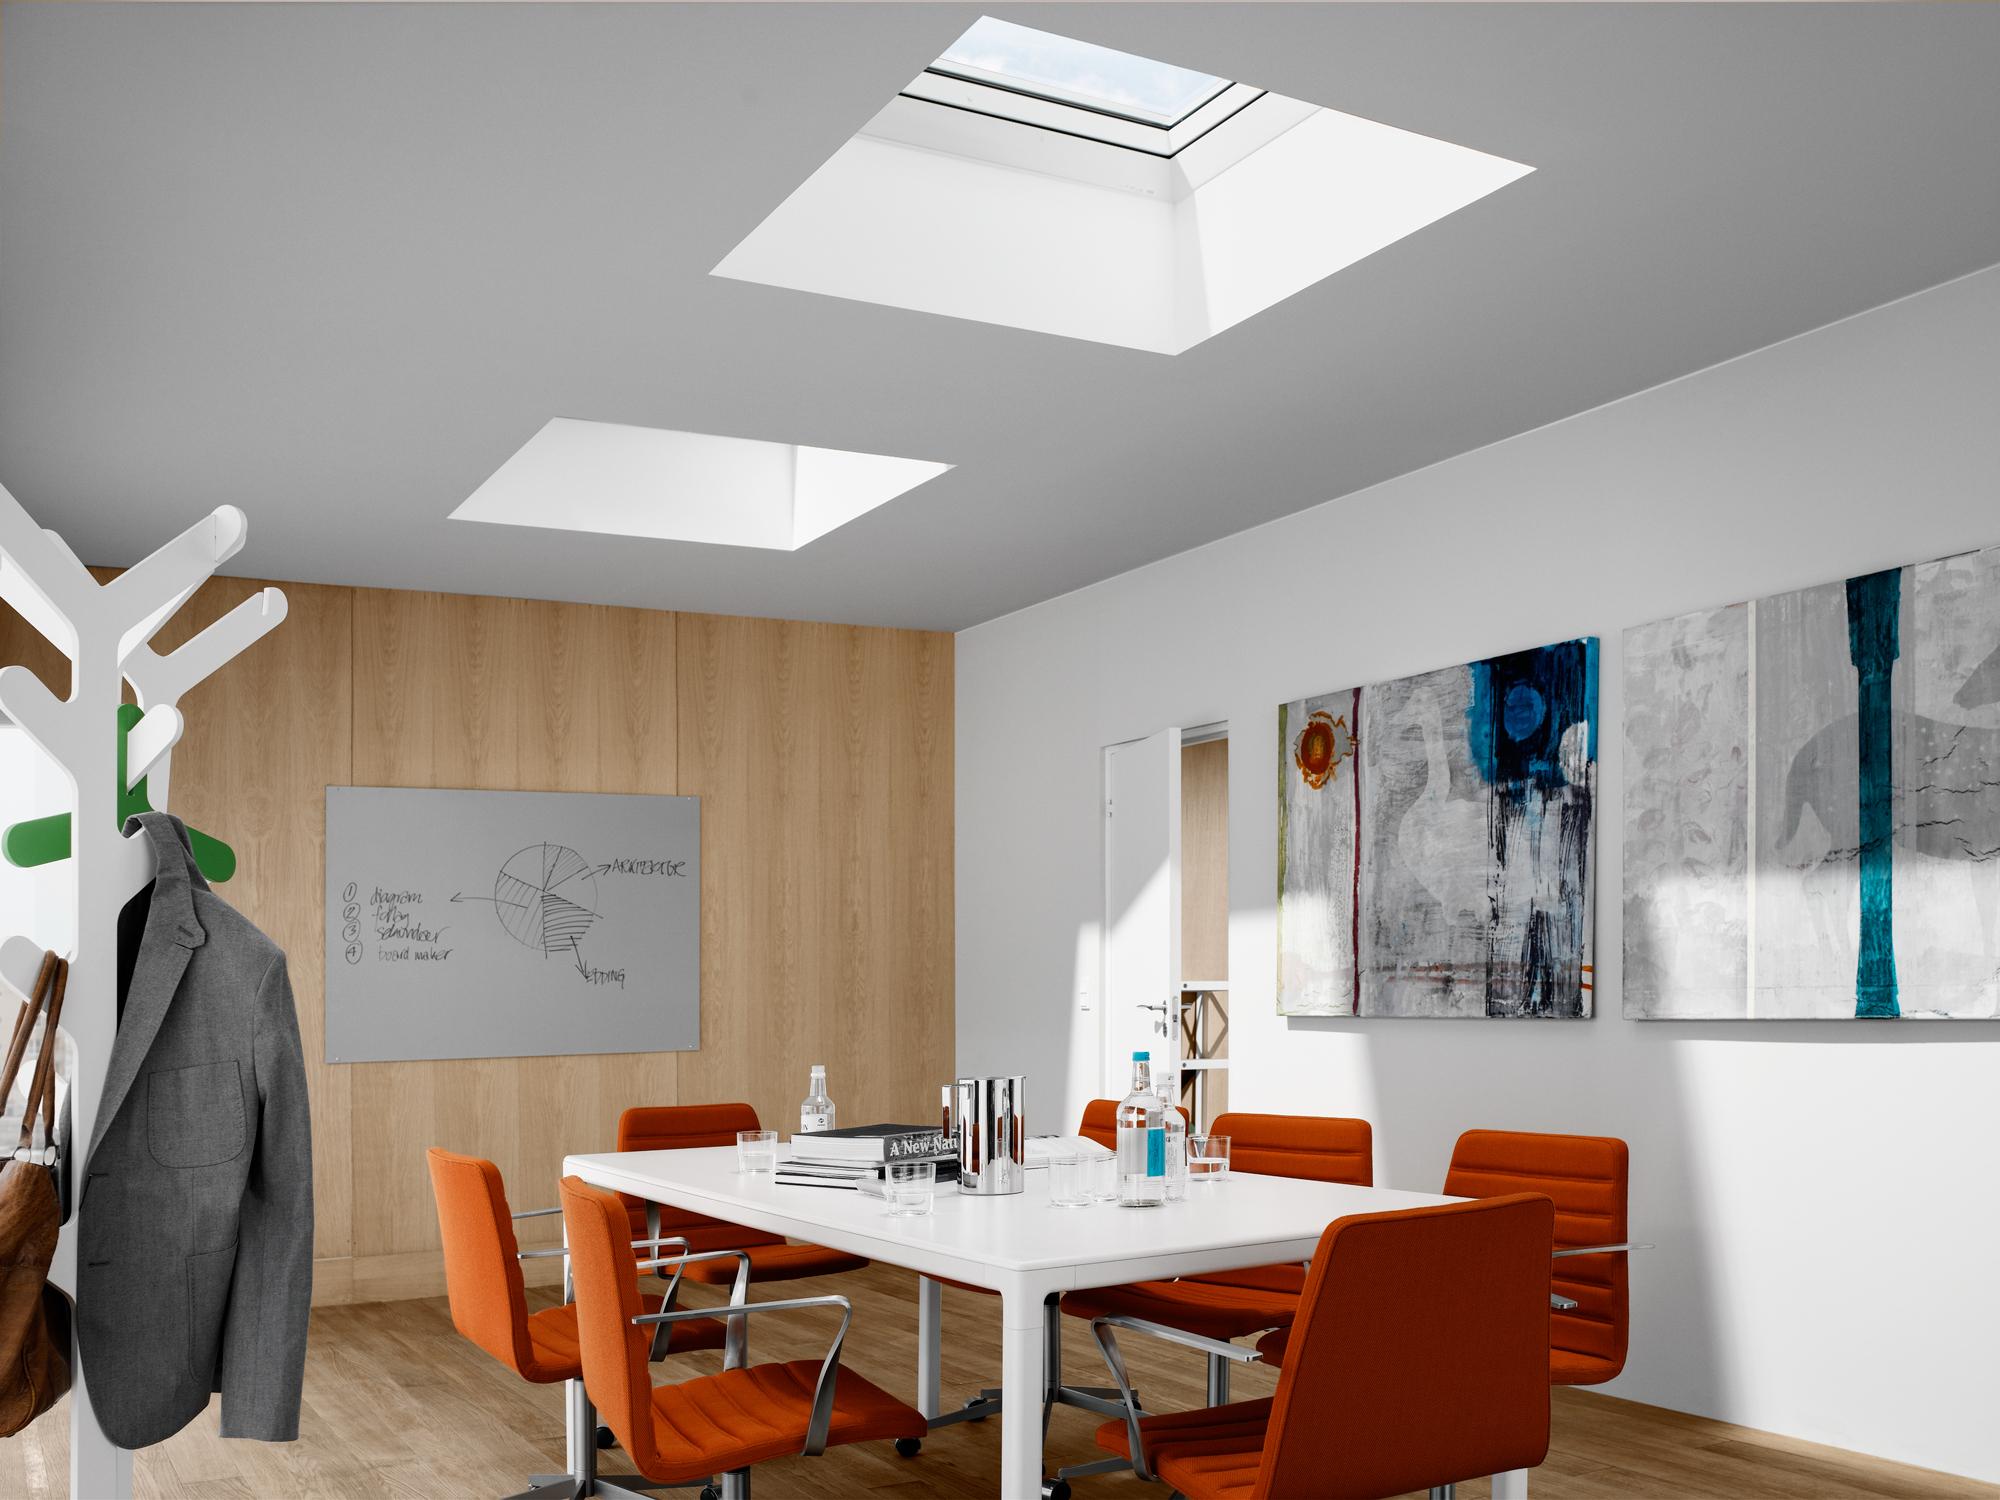 Finestra cupolino velux la finestra per tetti piani for Velux finestre per tetti piani